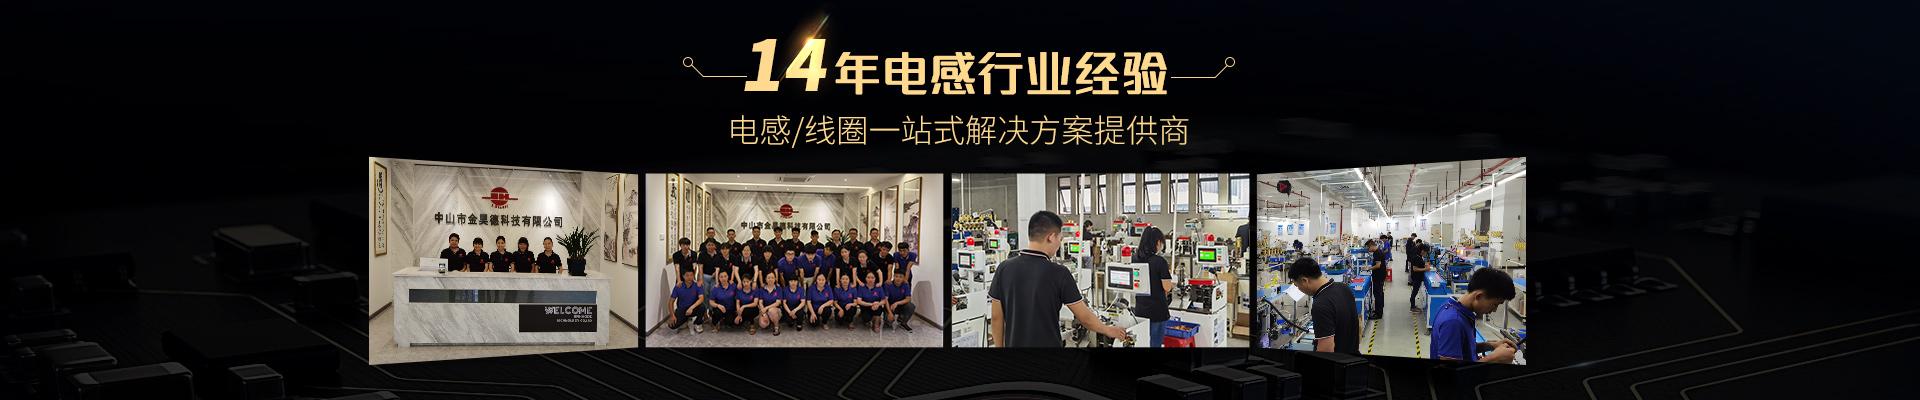 金昊德-14年电感行业经验,电感/线圈一站式解决方案提供商